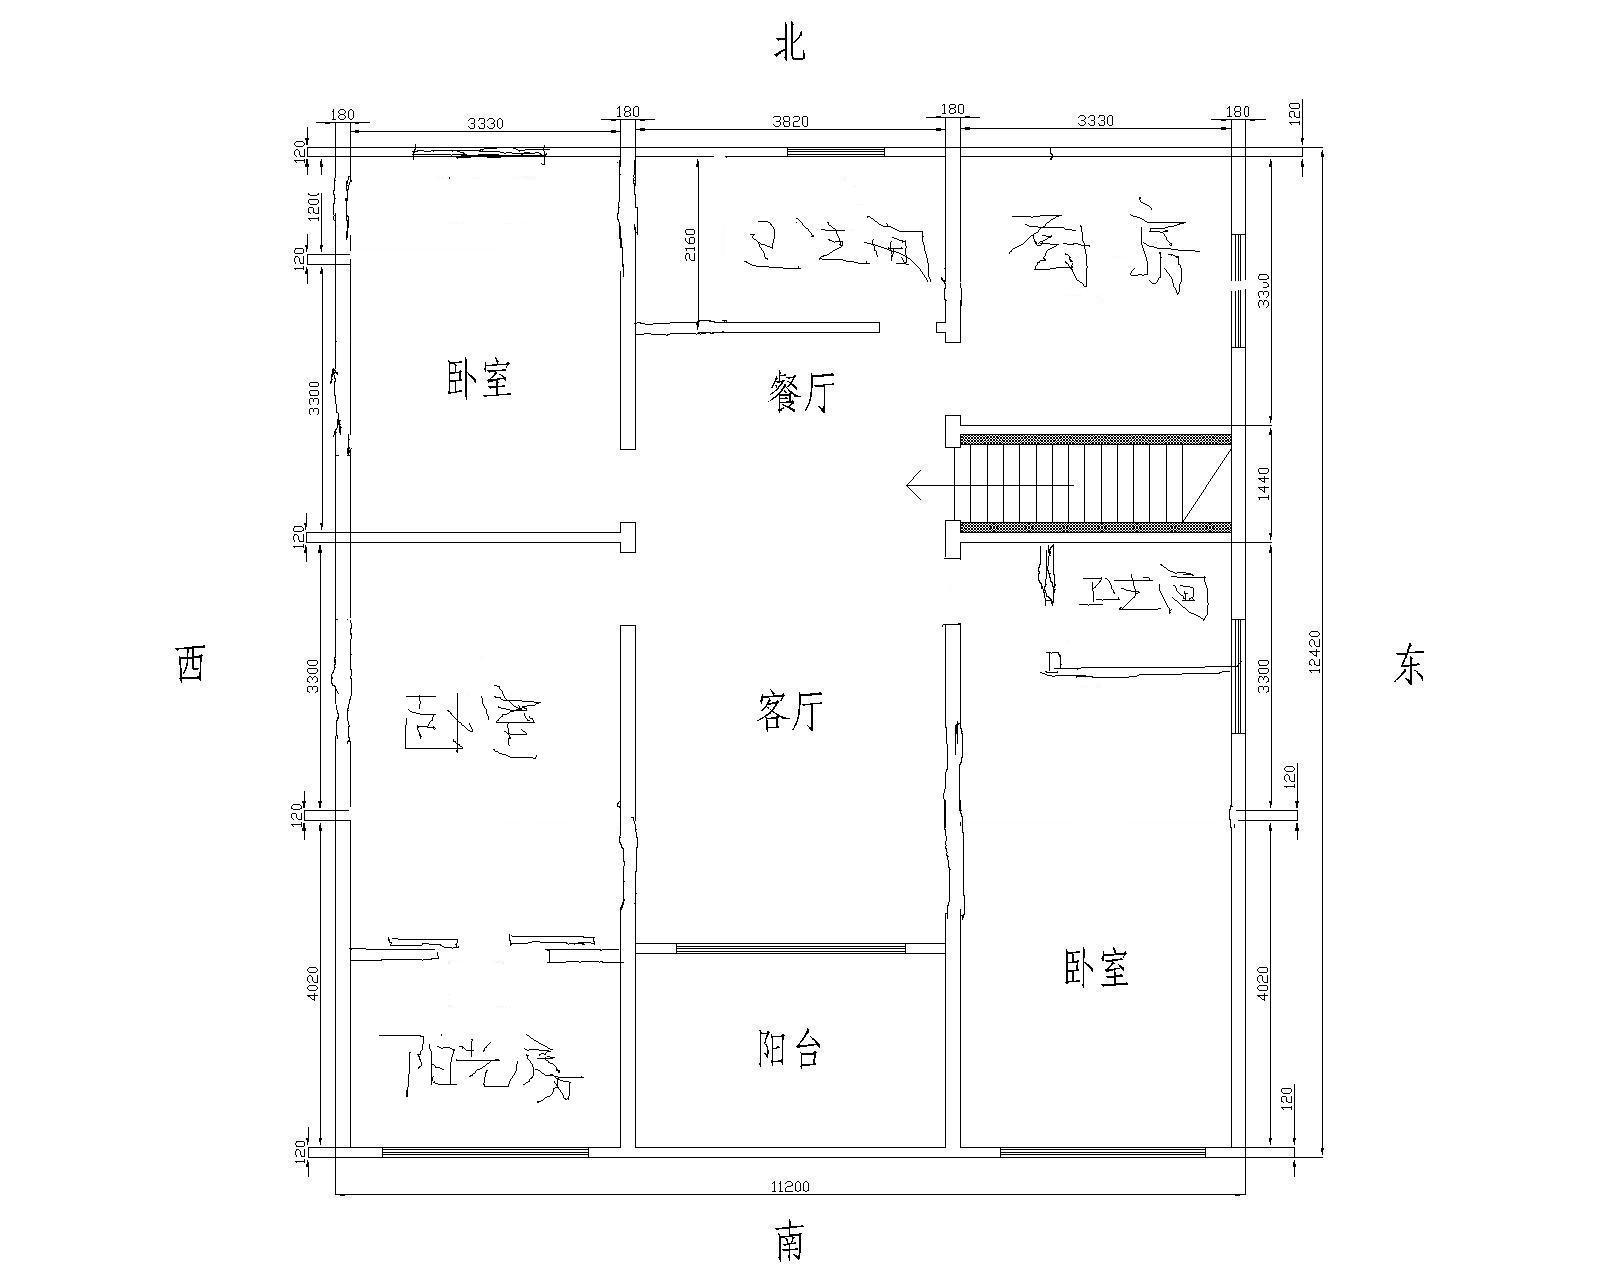 西北 房屋设计图